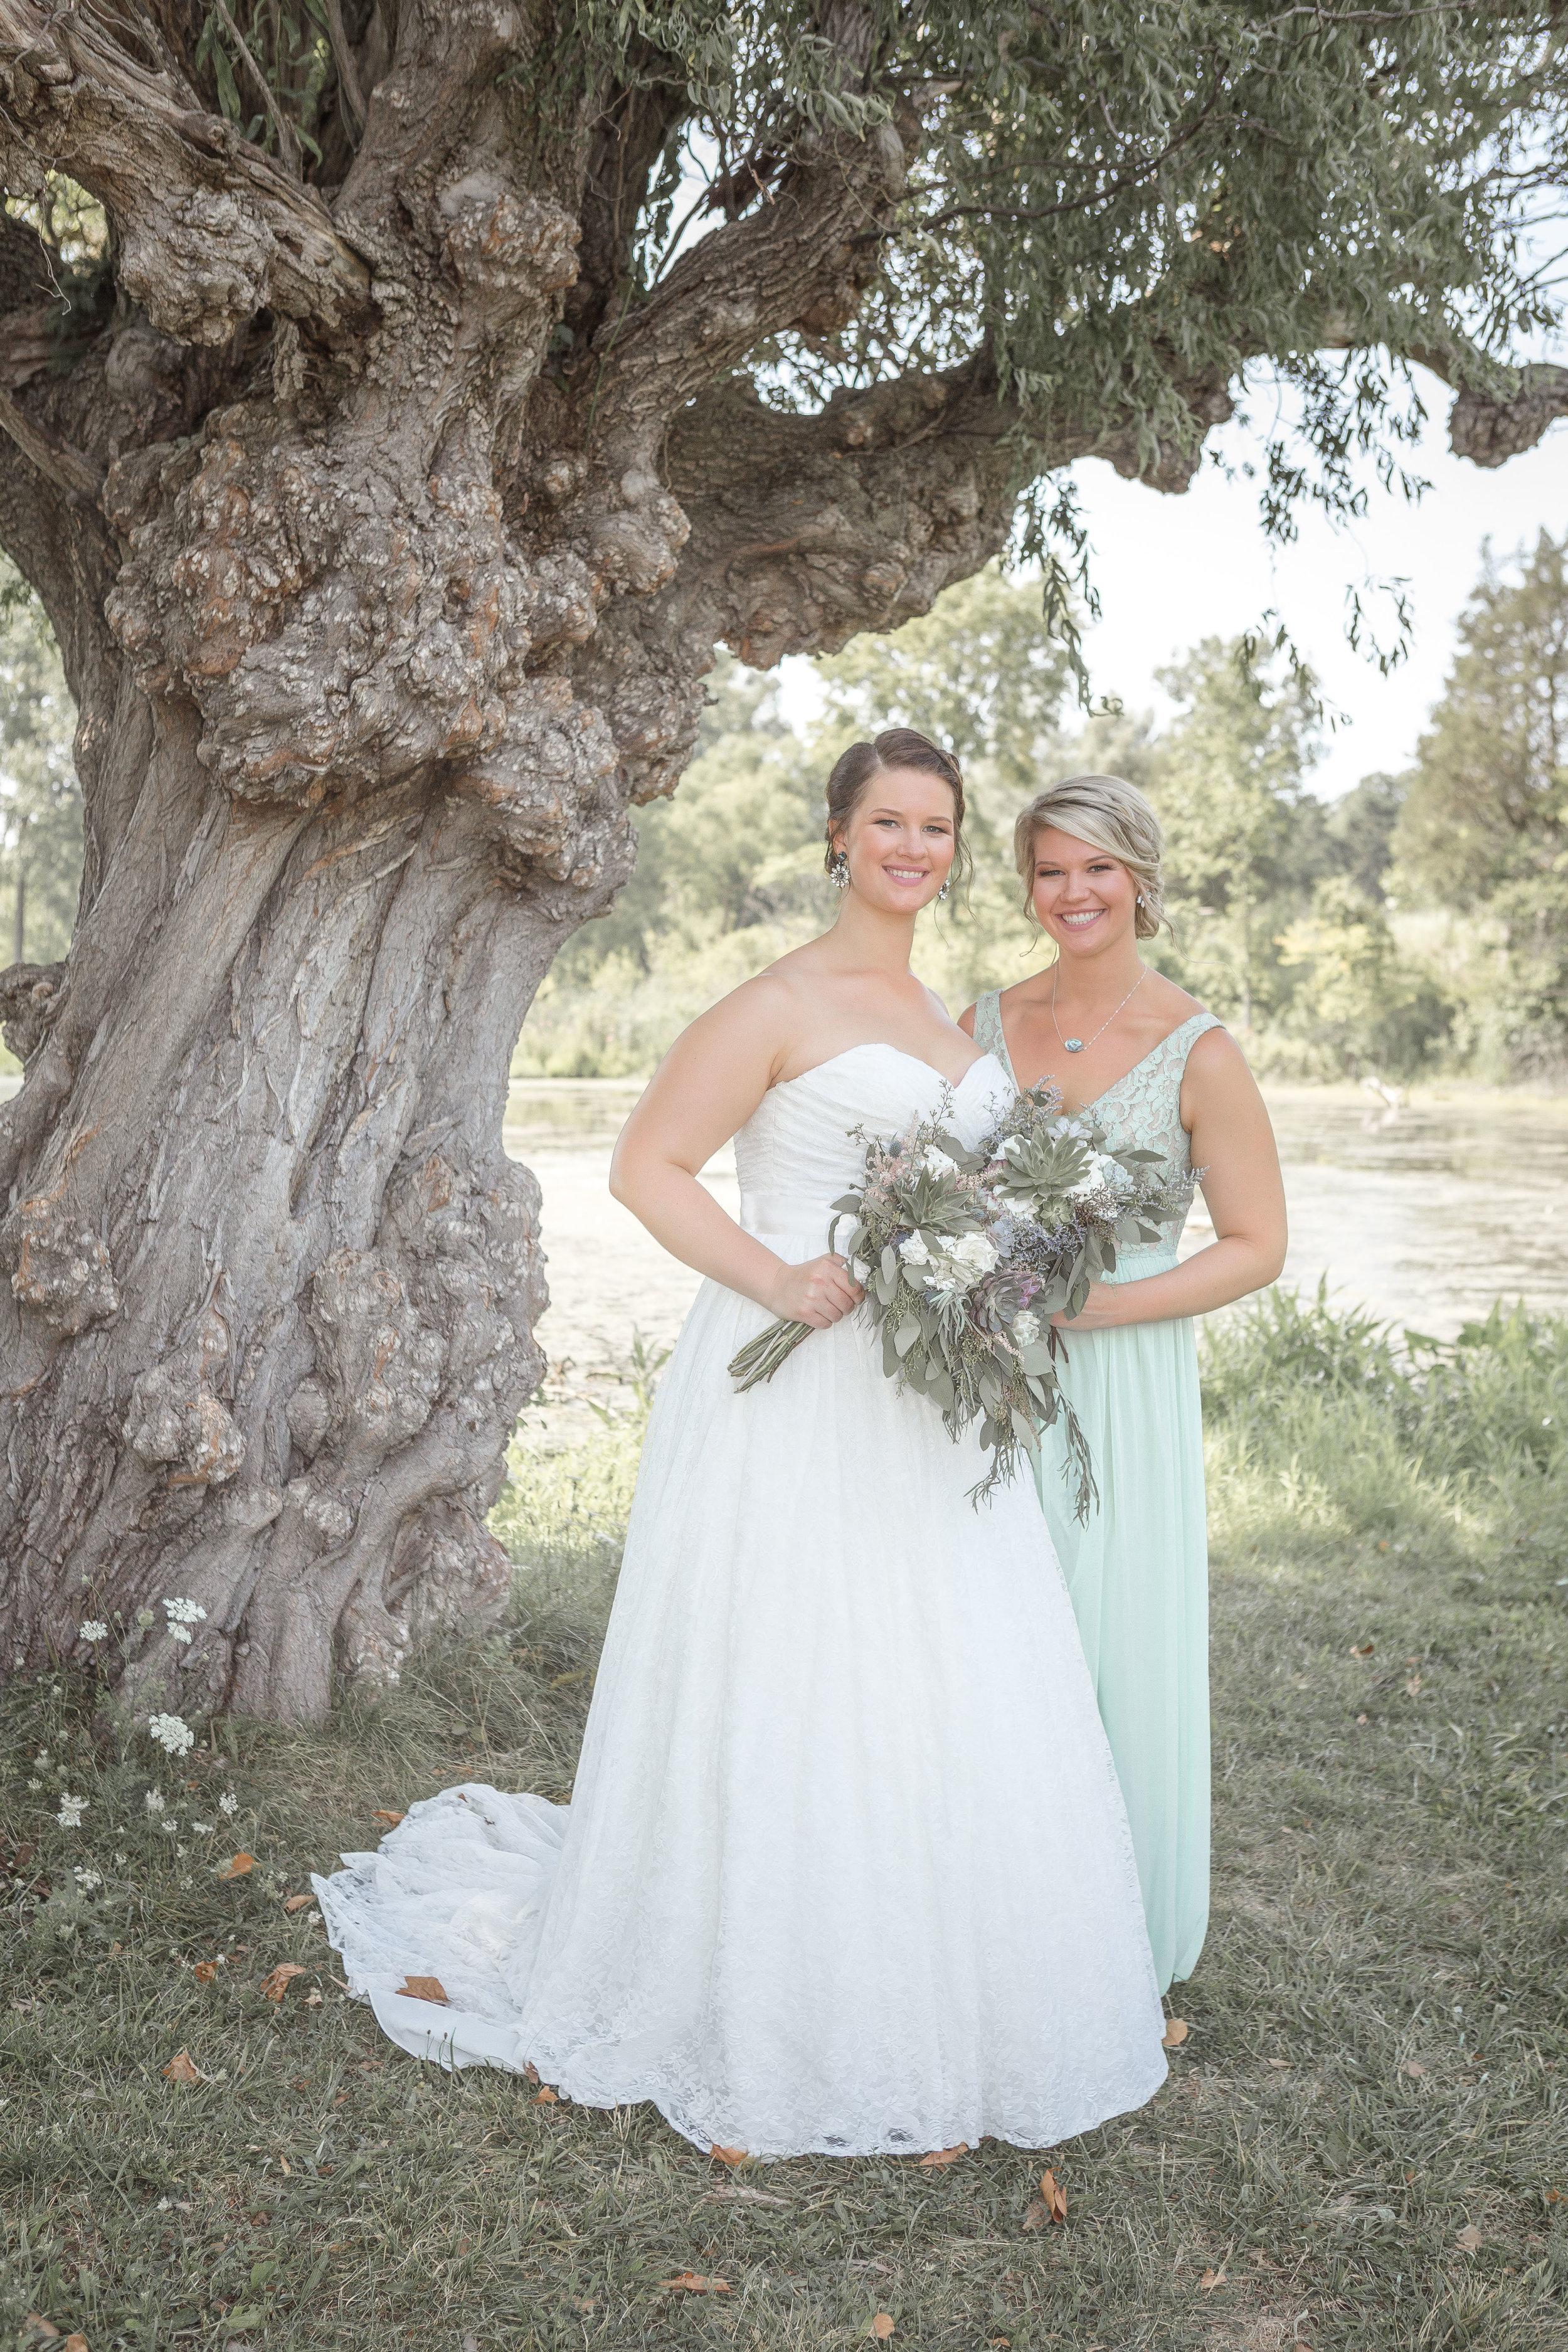 C_Wedding_Sarver, Alyssa & Scott_FOR BLOG-150.JPG